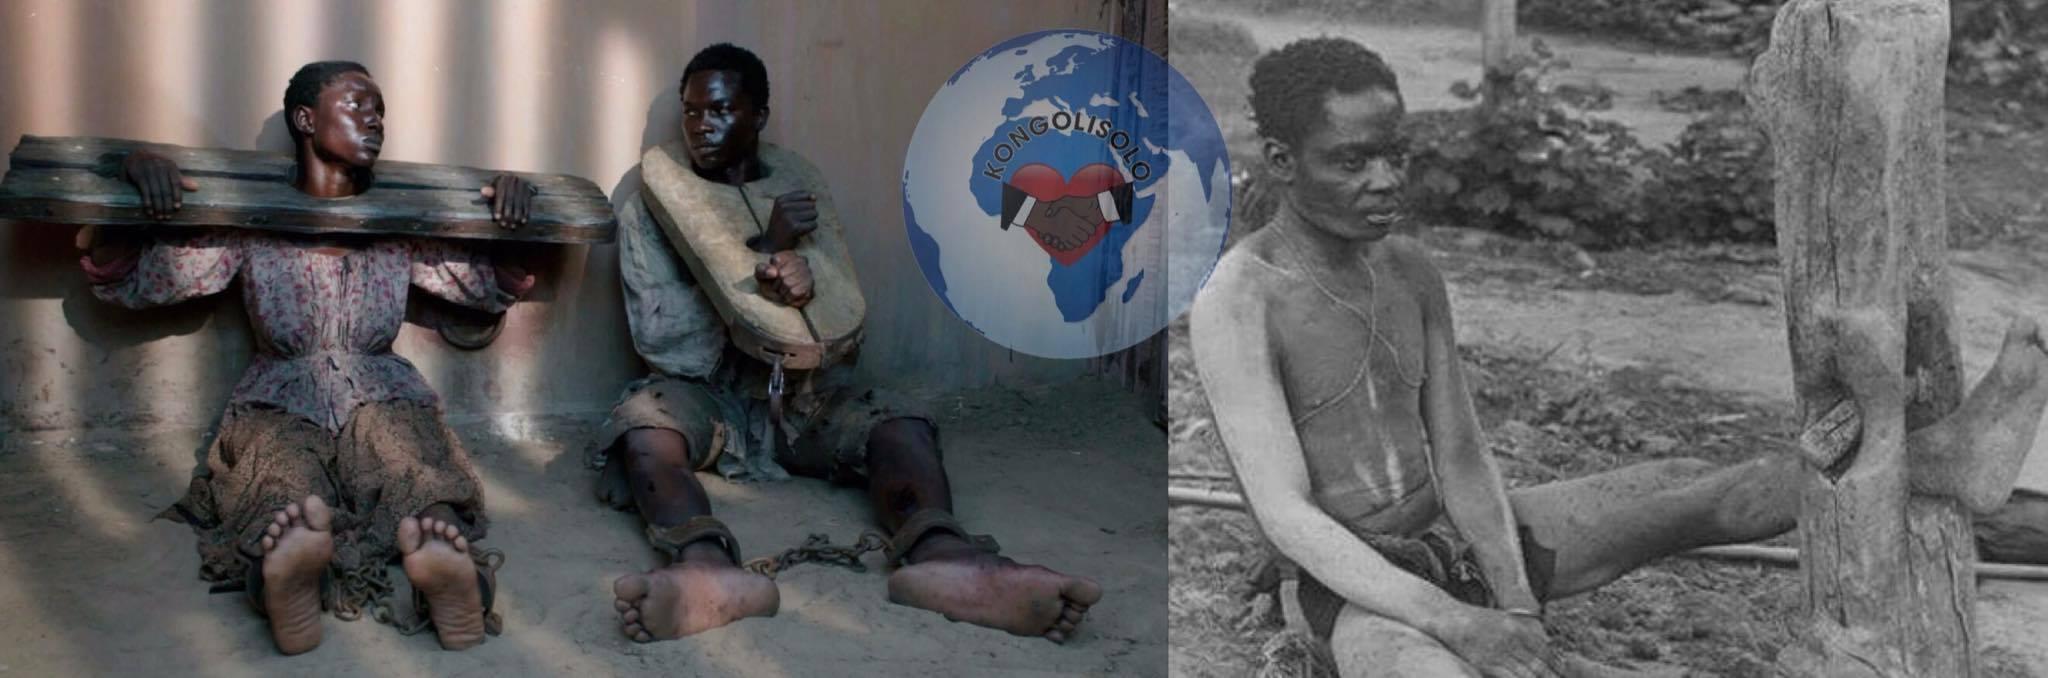 Voici nos parents qui ont souffert durant la traite négrière